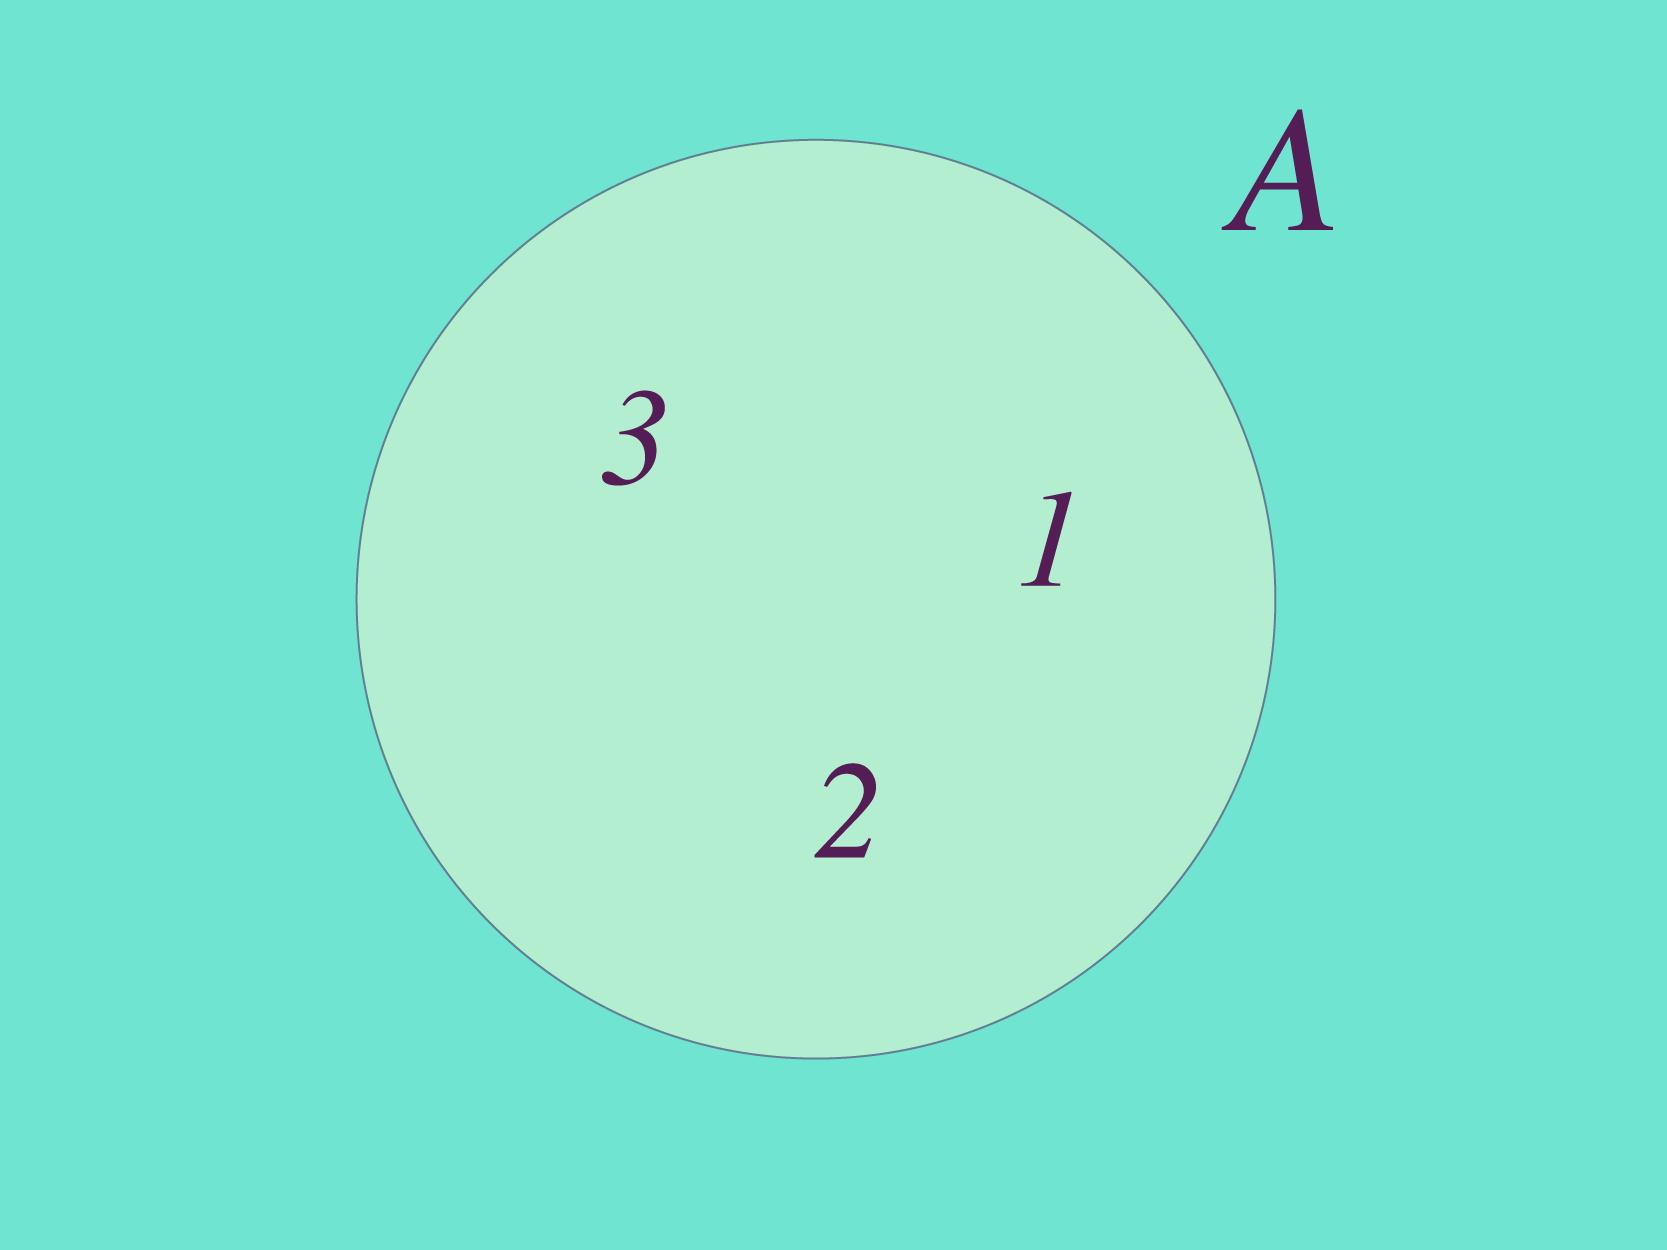 Conjunto A é formado pelos elementos 1, 2, 3.